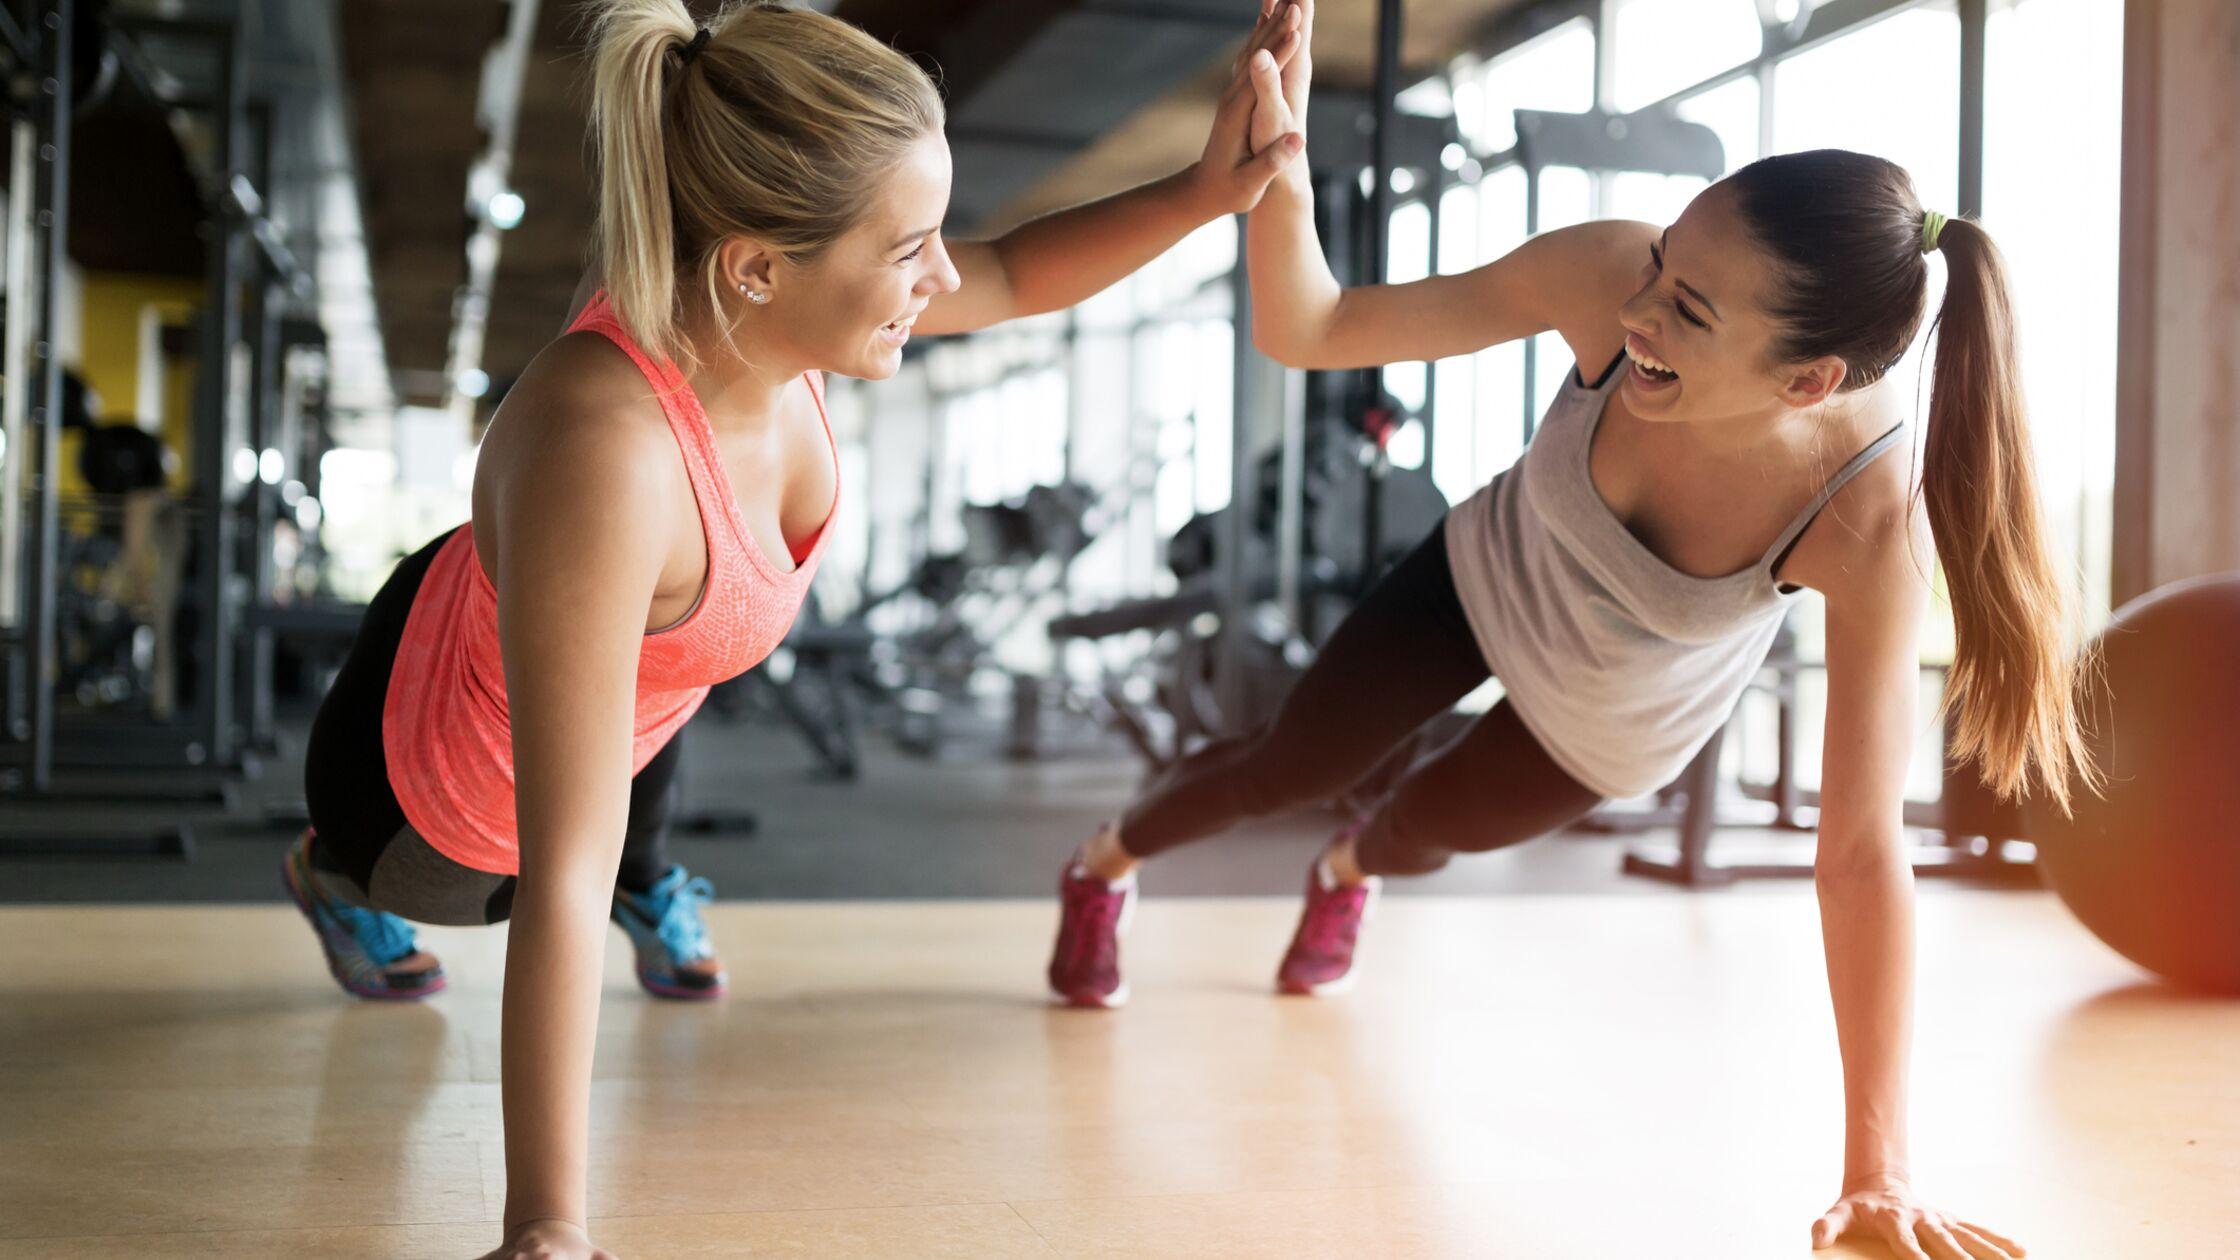 Fitnessstudio Kündigen Wegen Umzug Ihre Rechte